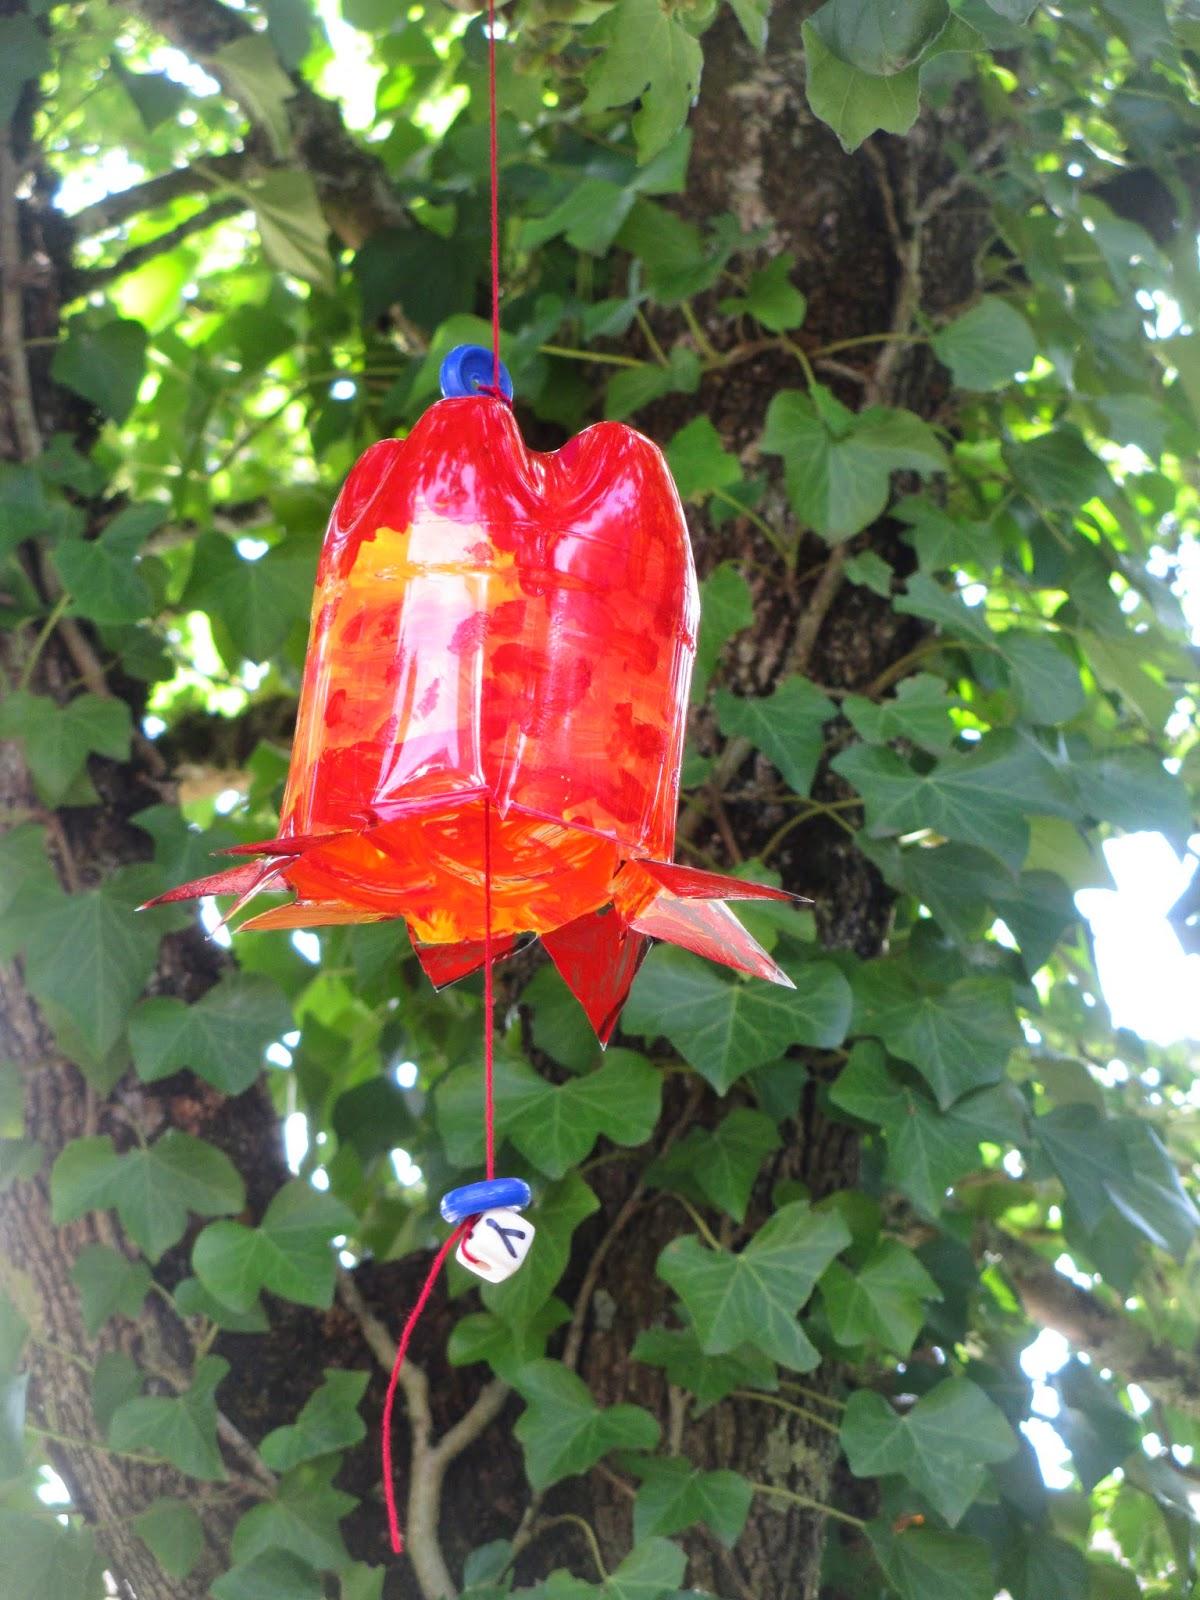 bunt und farbige Deko für den Garten